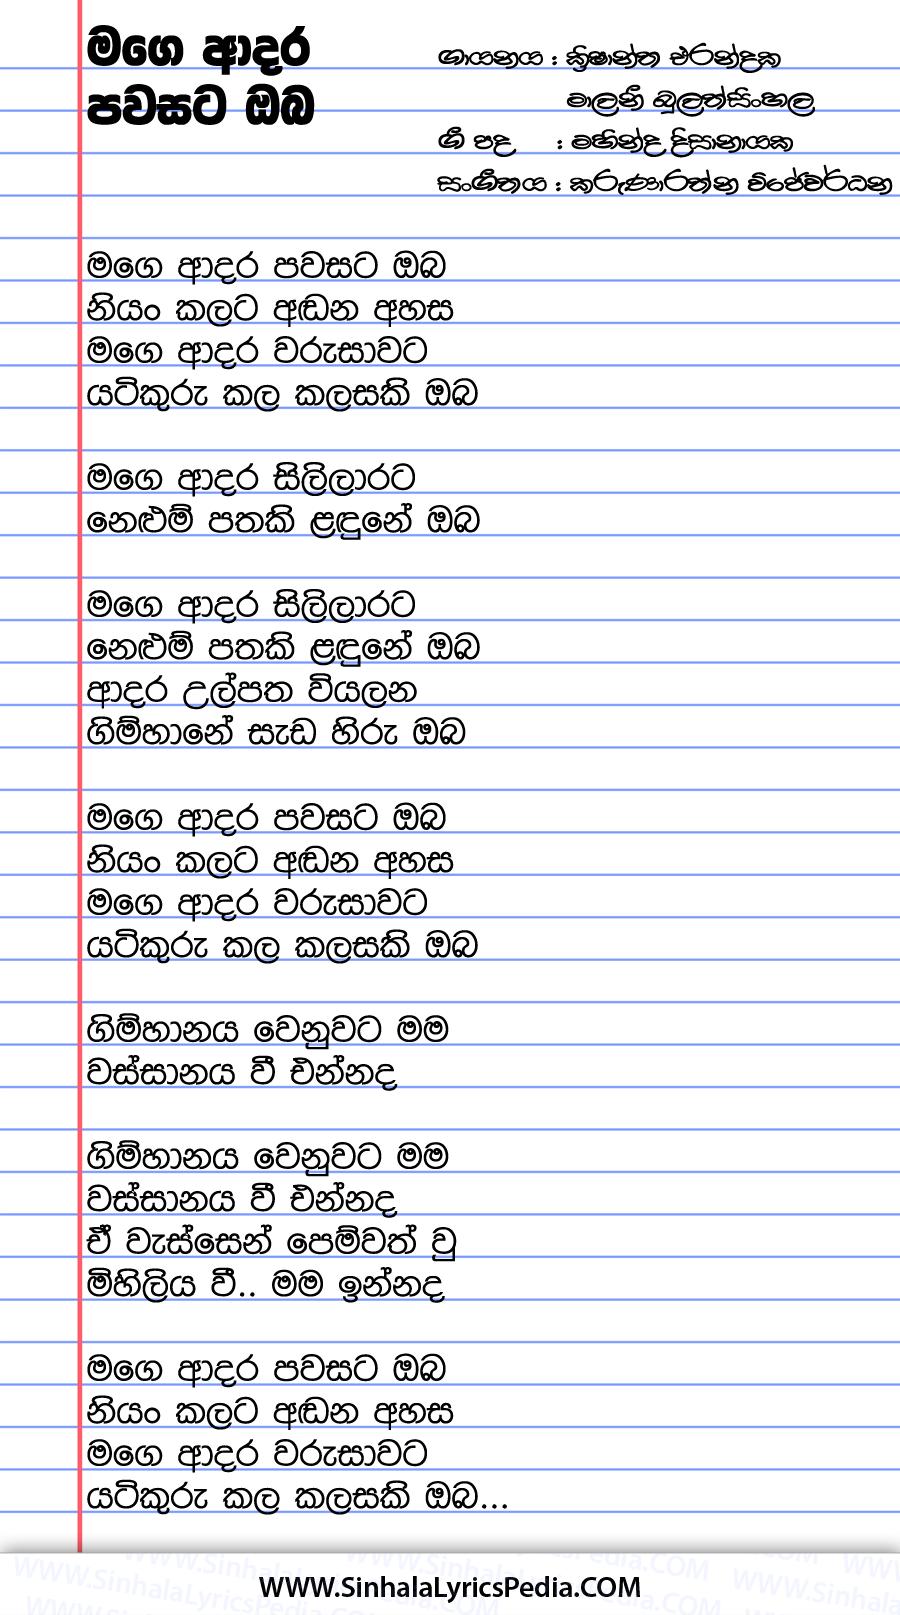 Mage Adara Pawasata Oba Song Lyrics